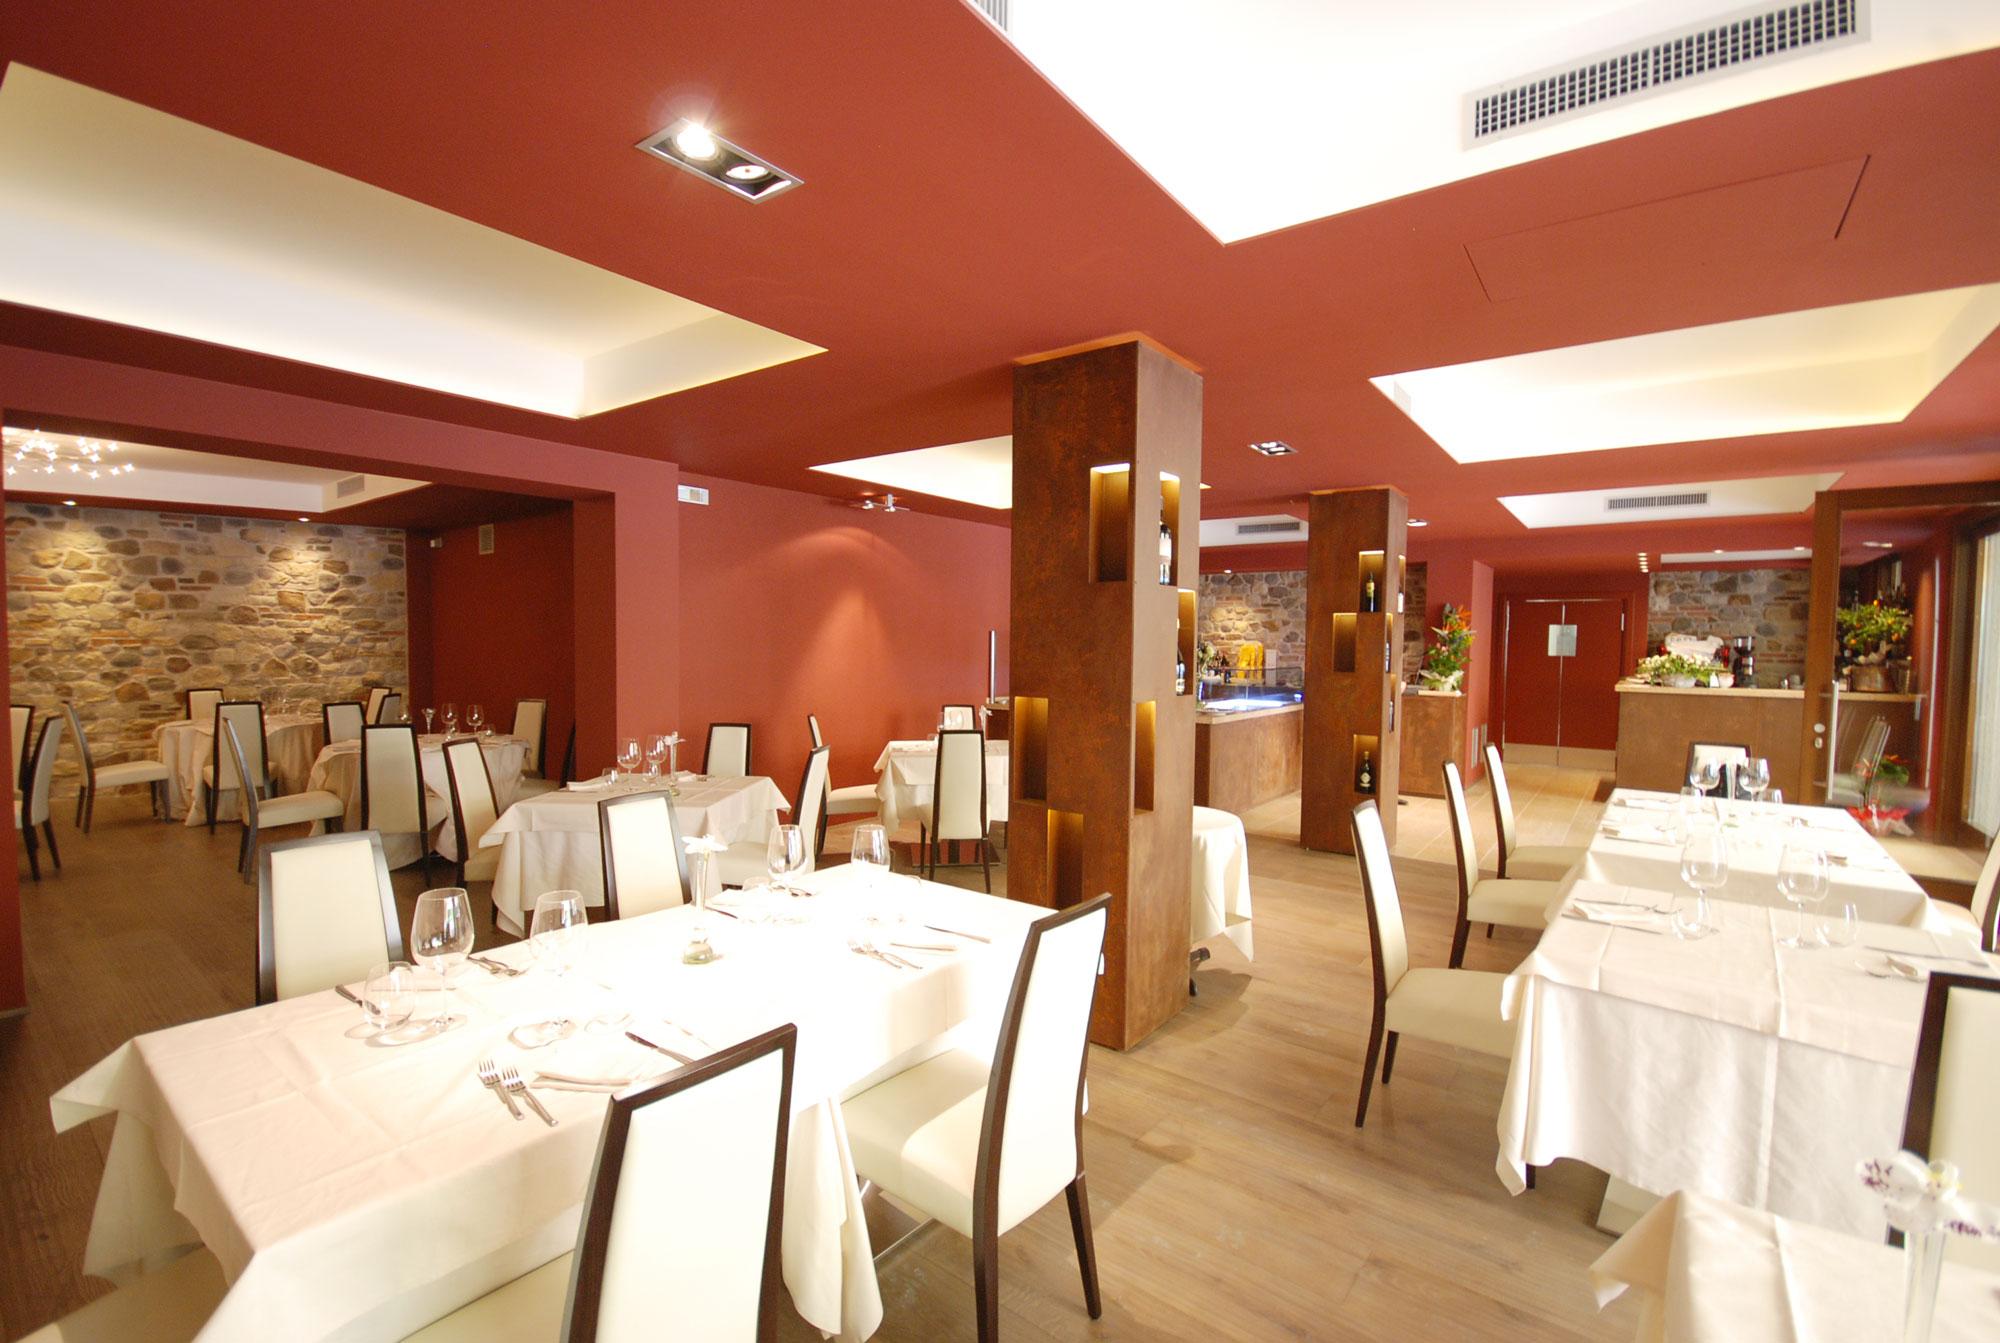 Arredamento ristorante moderno e luminoso a Verona, GM Group